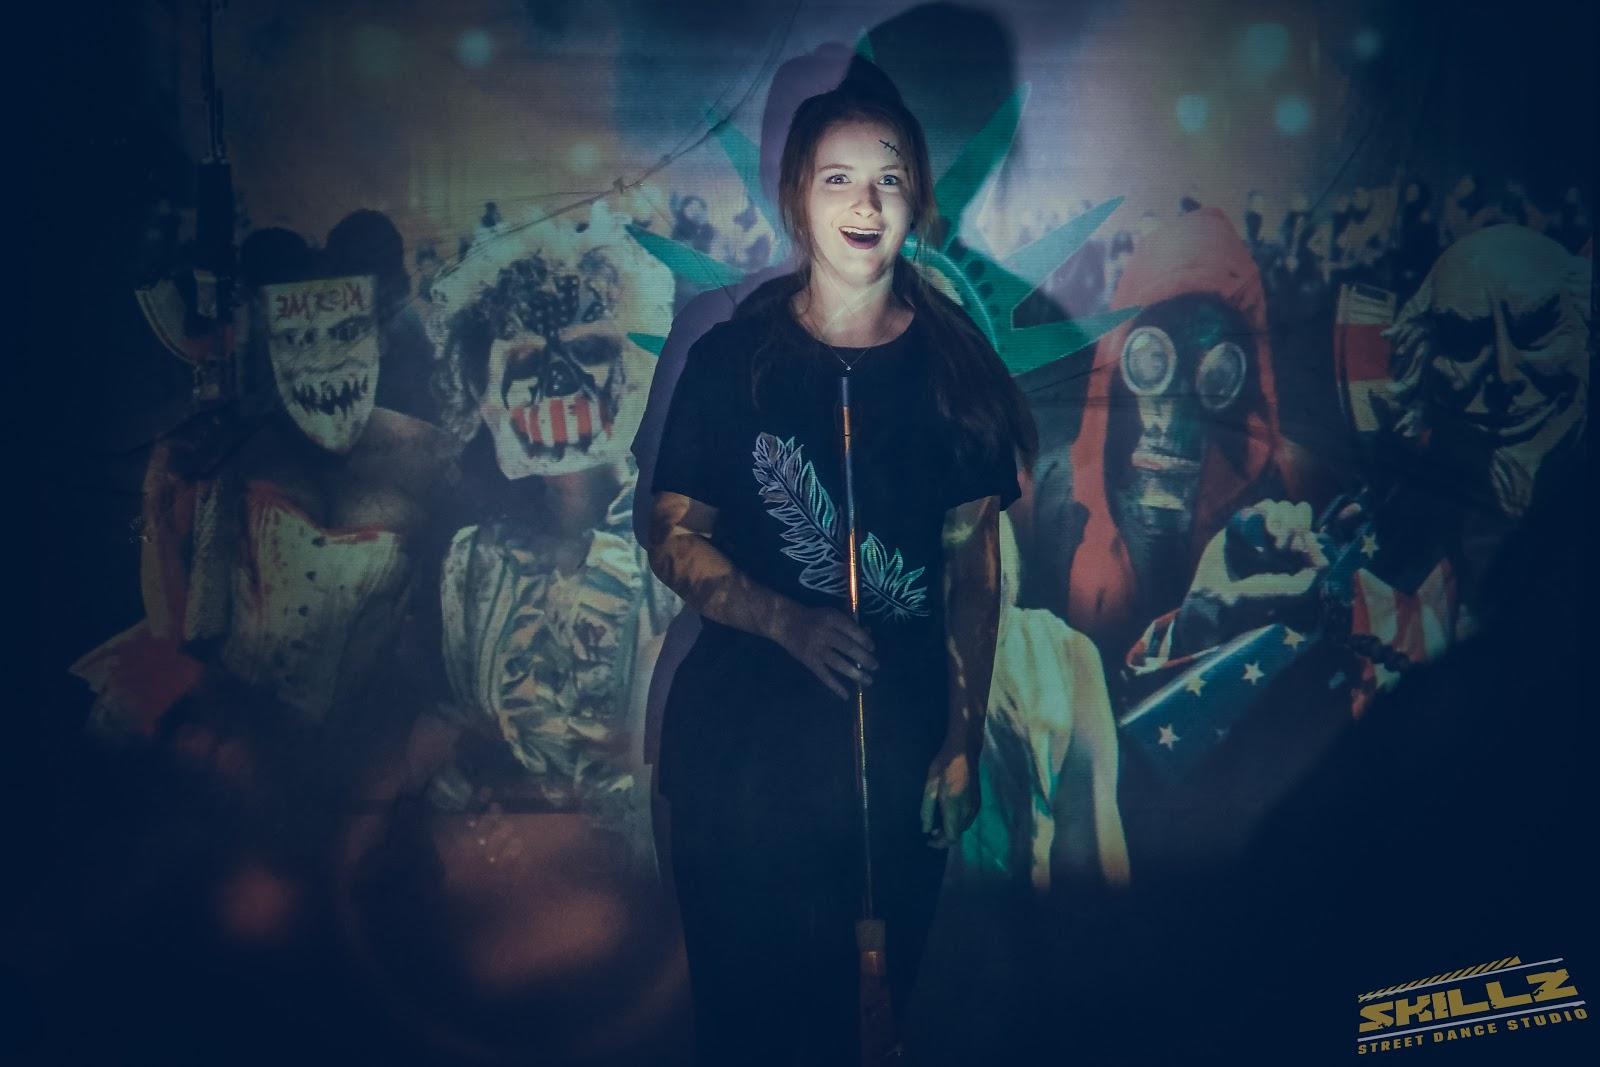 Naujikų krikštynos @SKILLZ (Halloween tema) - PANA1564.jpg